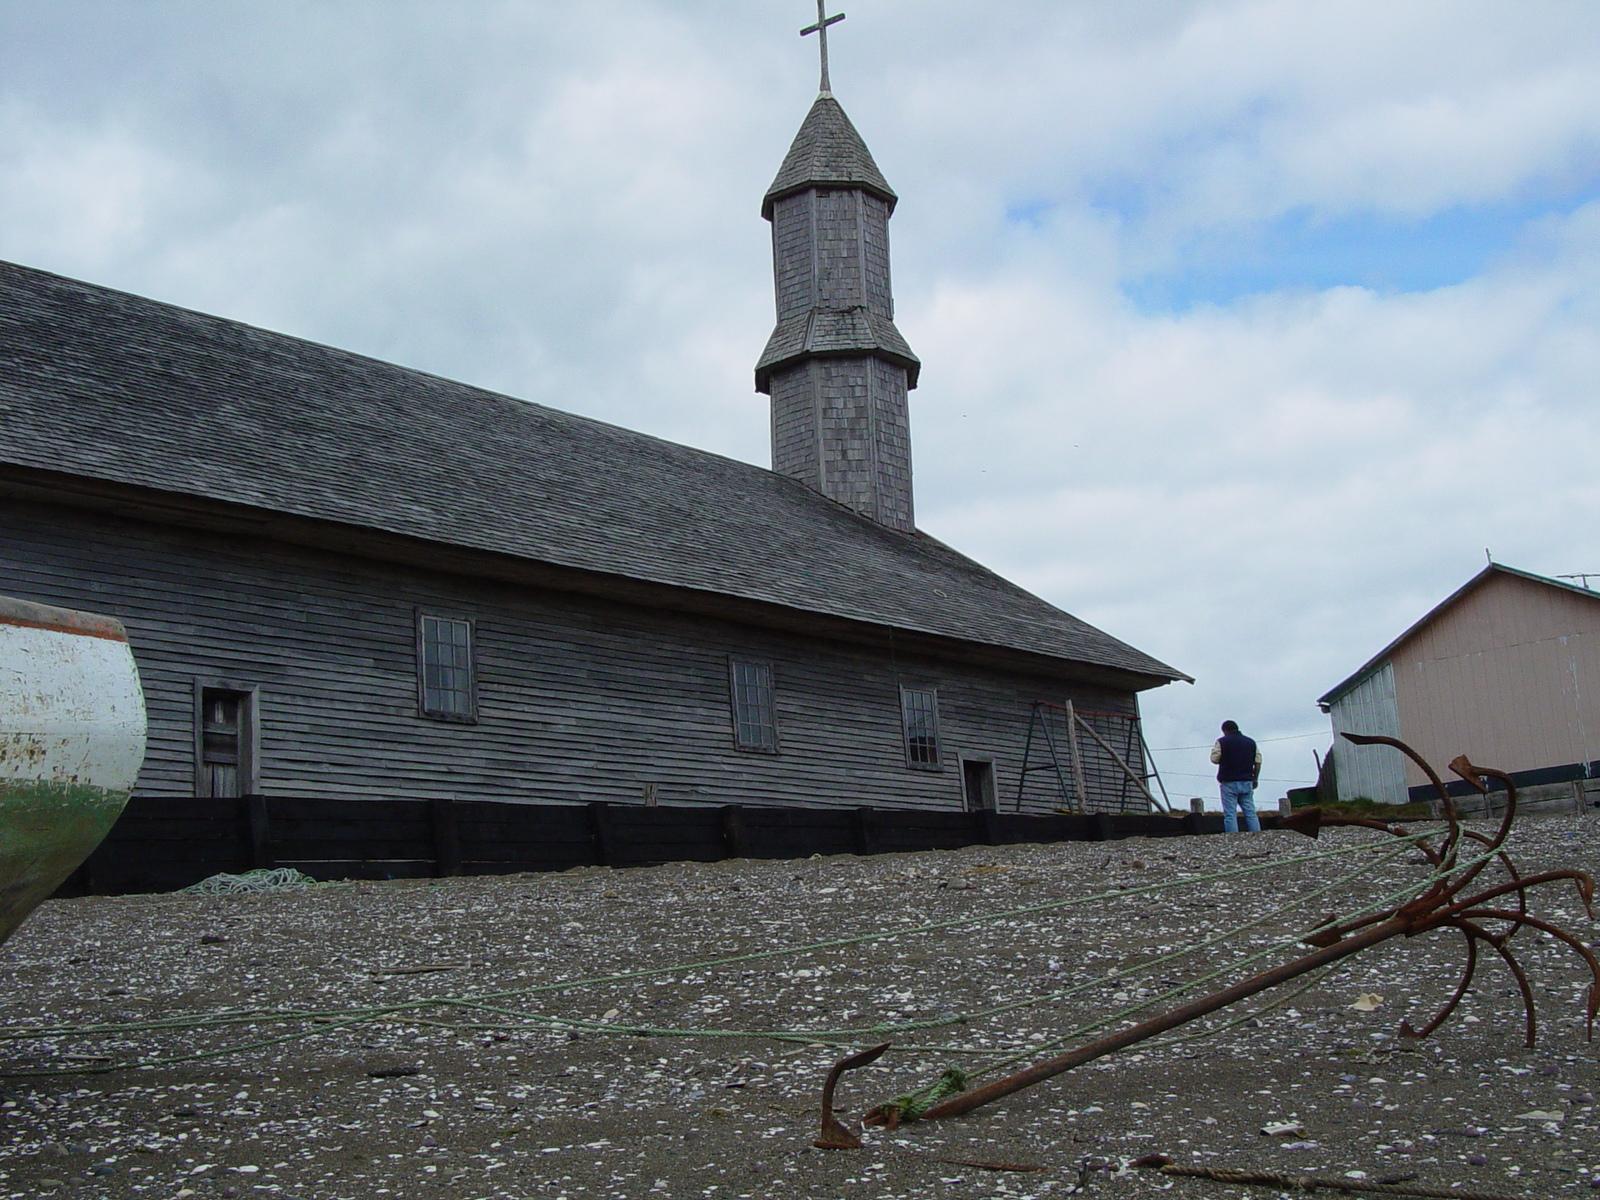 CHILE - Chiloe Churches